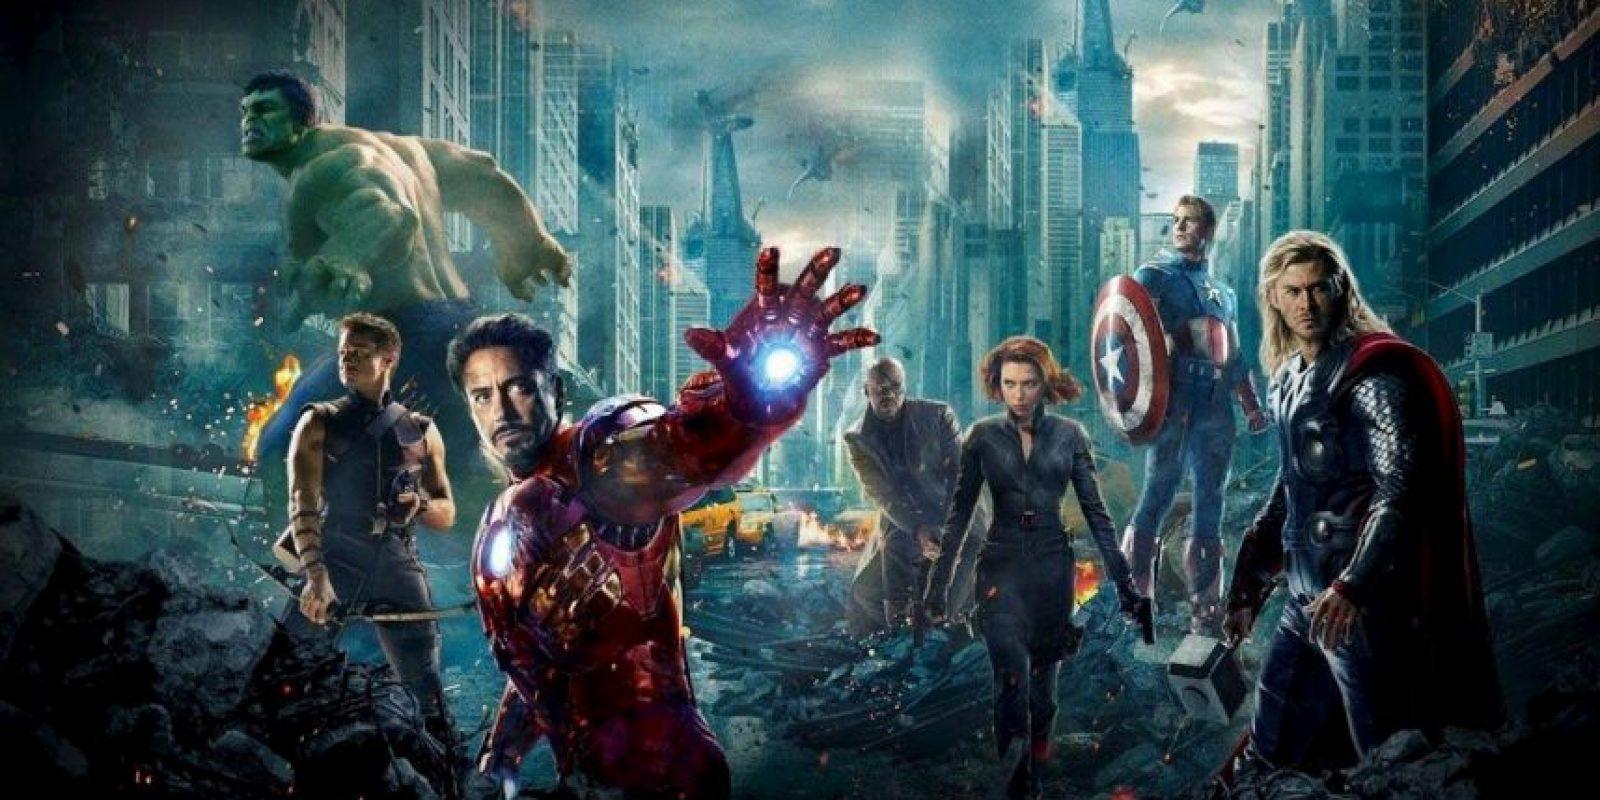 """¿Se imaginan si la película de """"Los Vengadores"""" se hubiese grabado en los años 80? Acá les tenemos el casting estelar. Foto:vía Marvel"""